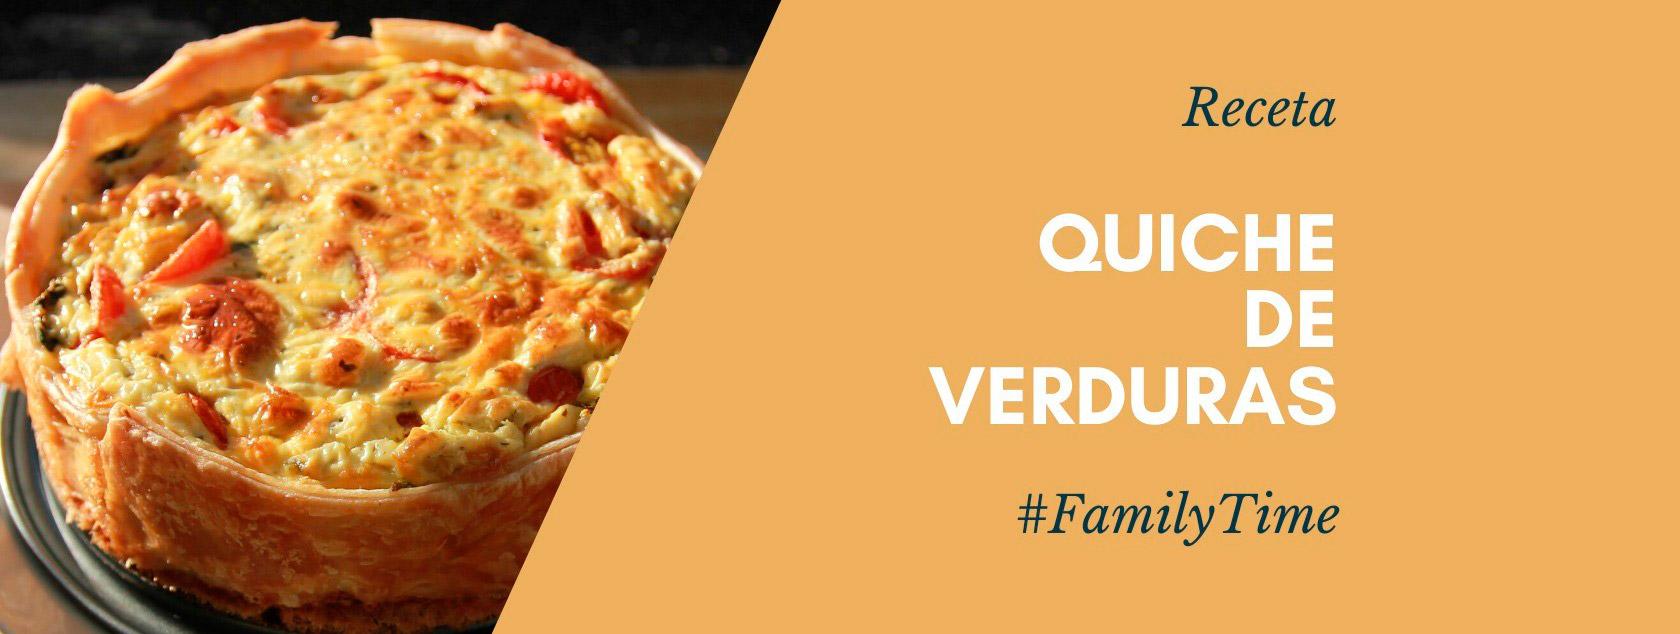 Family Time. Receta para elaborar quiche de verduras